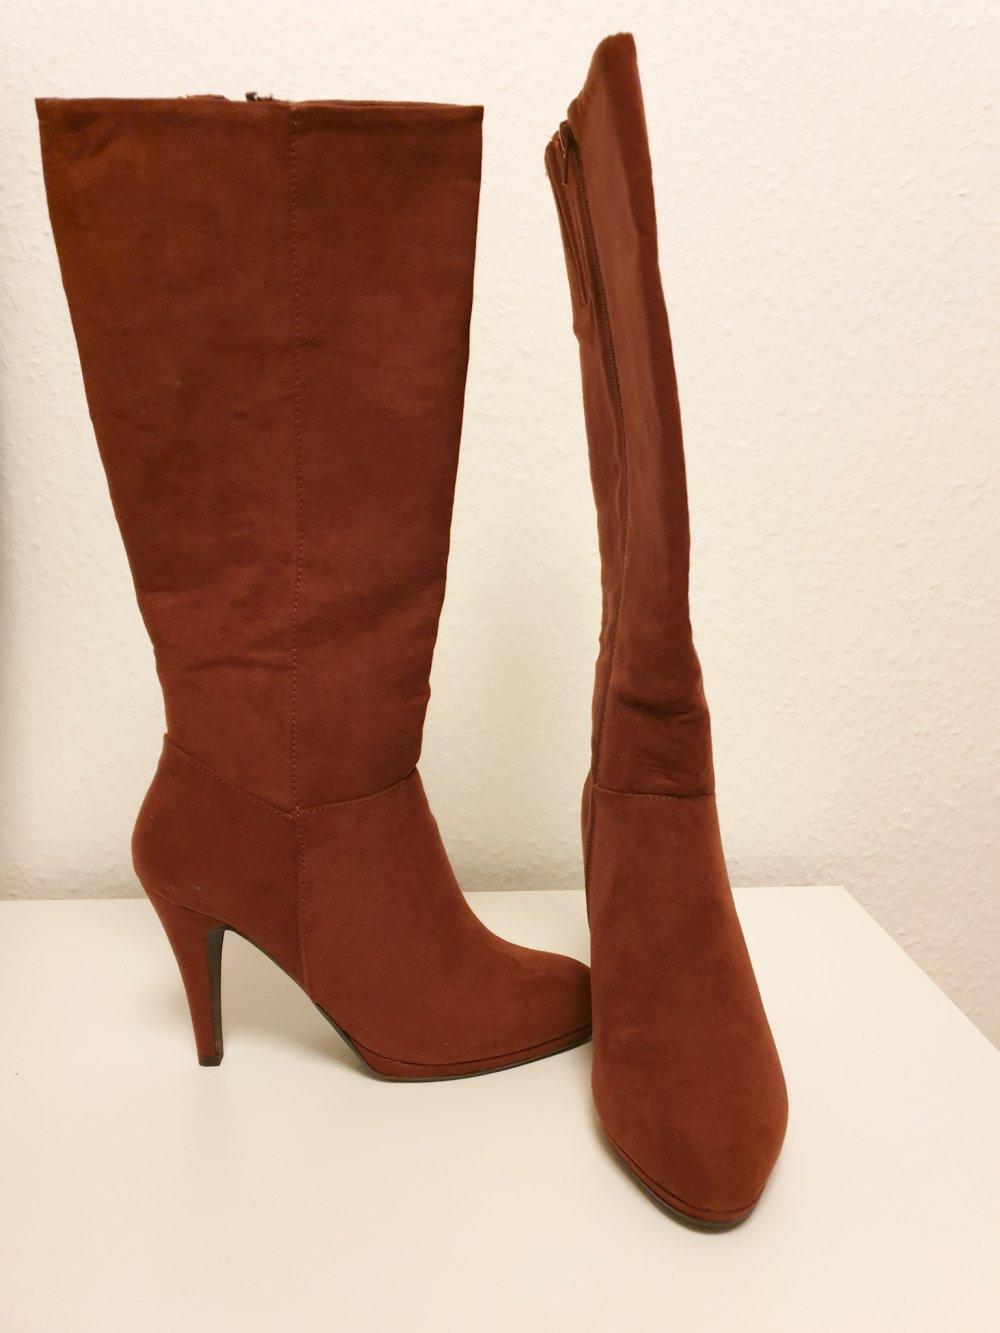 authentische Qualität heißer verkauf authentisch beste Seite Stiefel I Anna Field I cognac I 39 I NEU